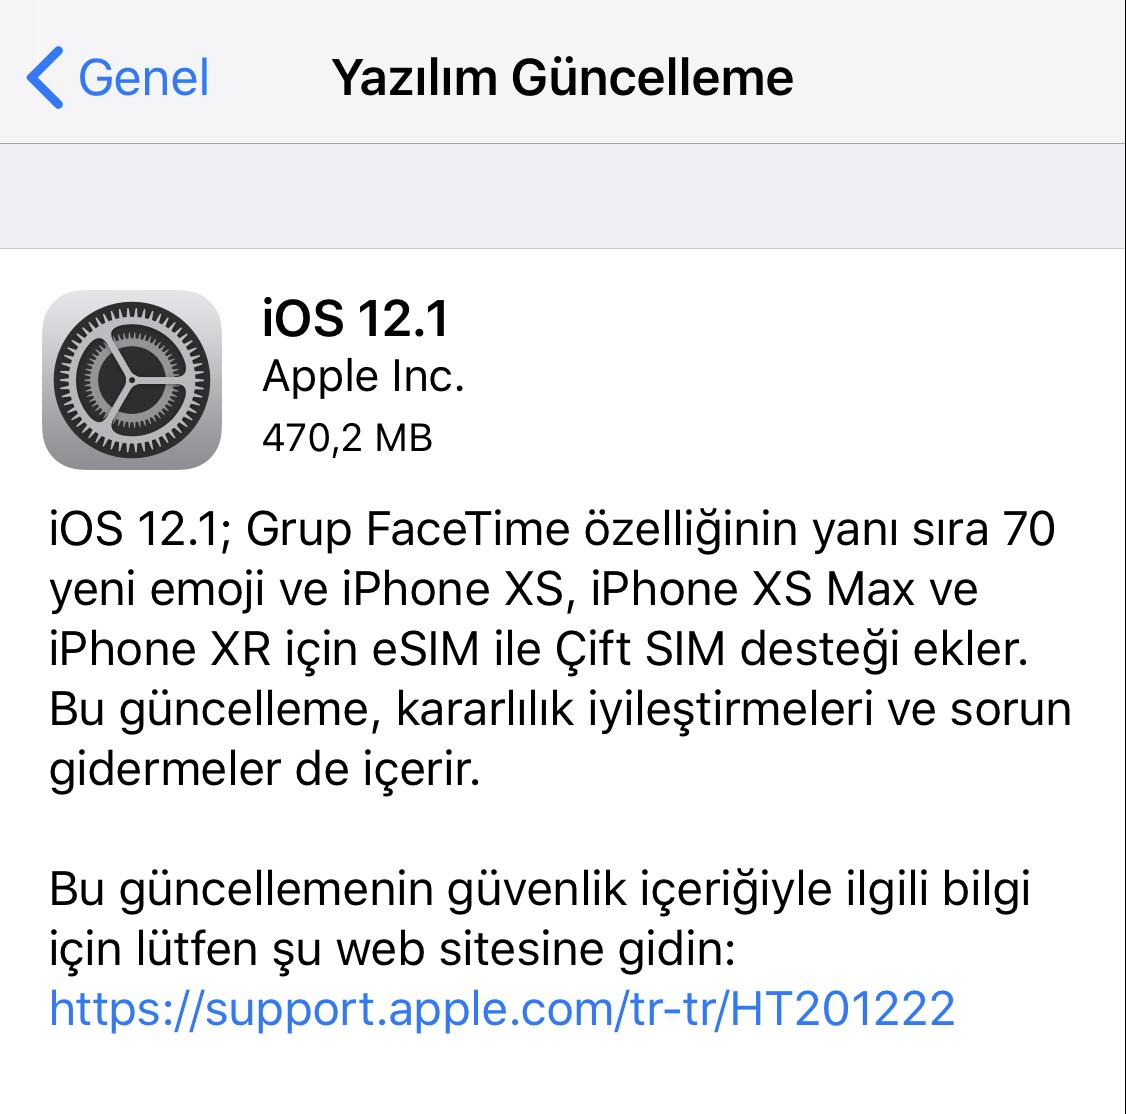 iOS 12.1 güncellemesi yayınlandı